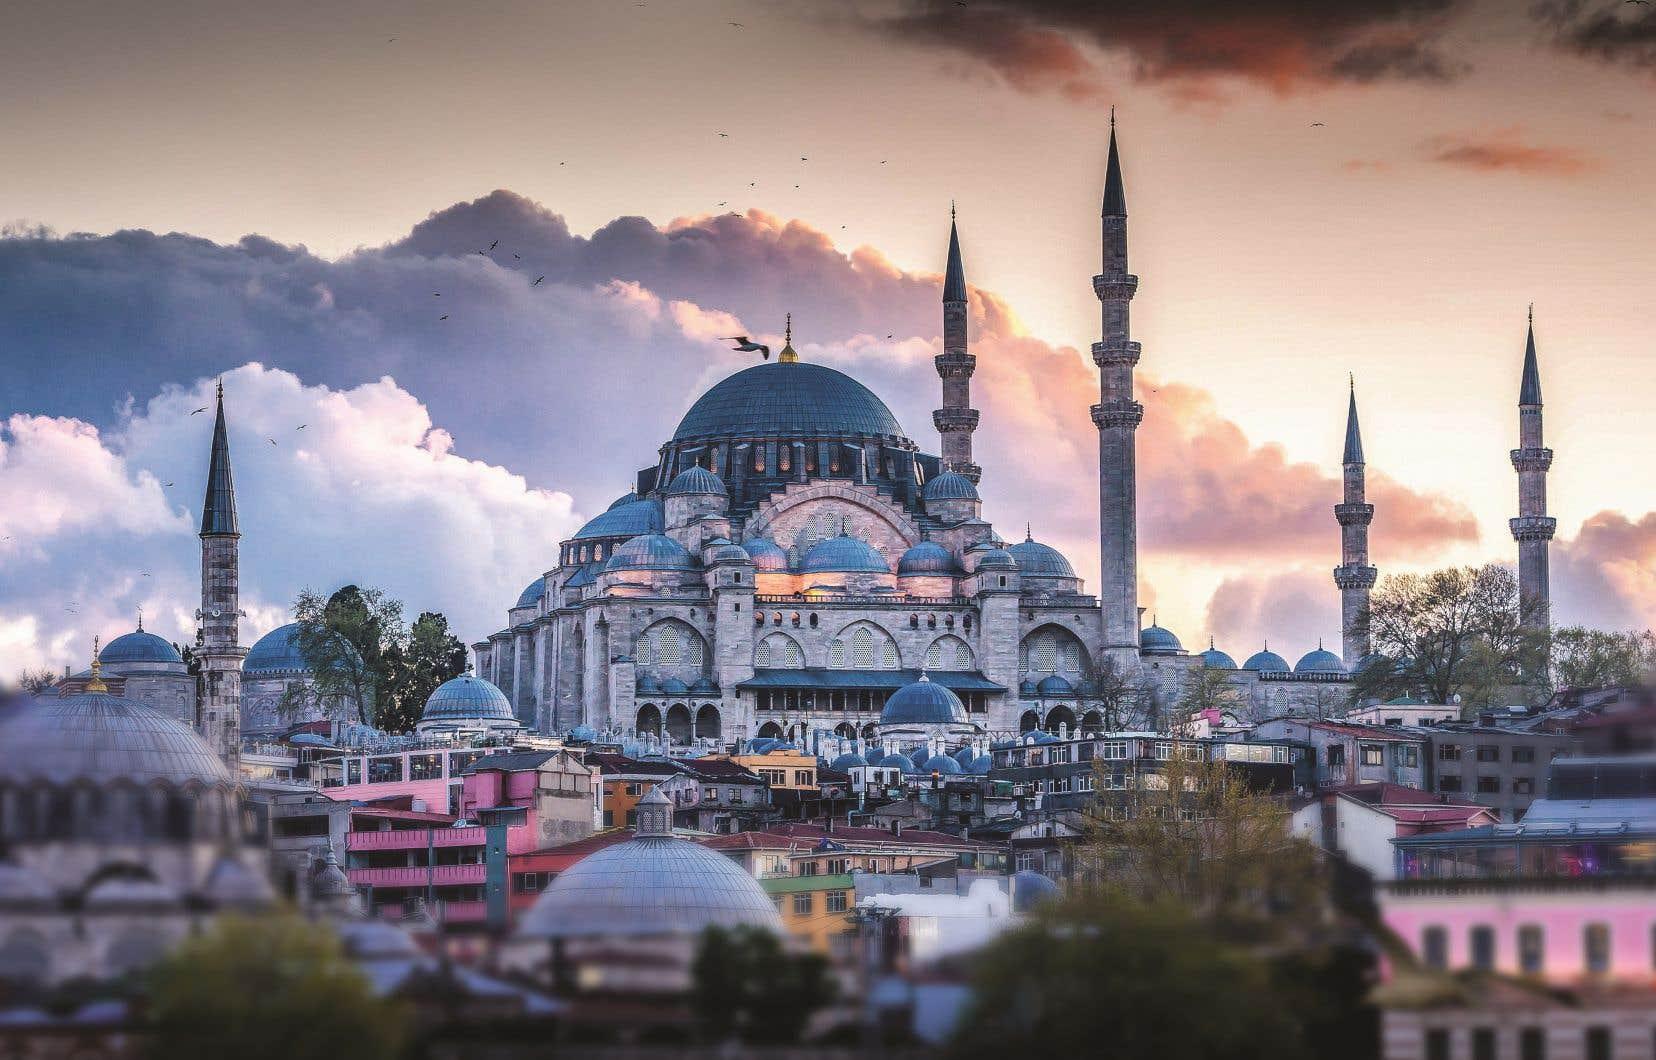 C'est le moment de visiter virtuellement des monuments grandioses telle la basilique Sainte-Sophie, à Istanbul.